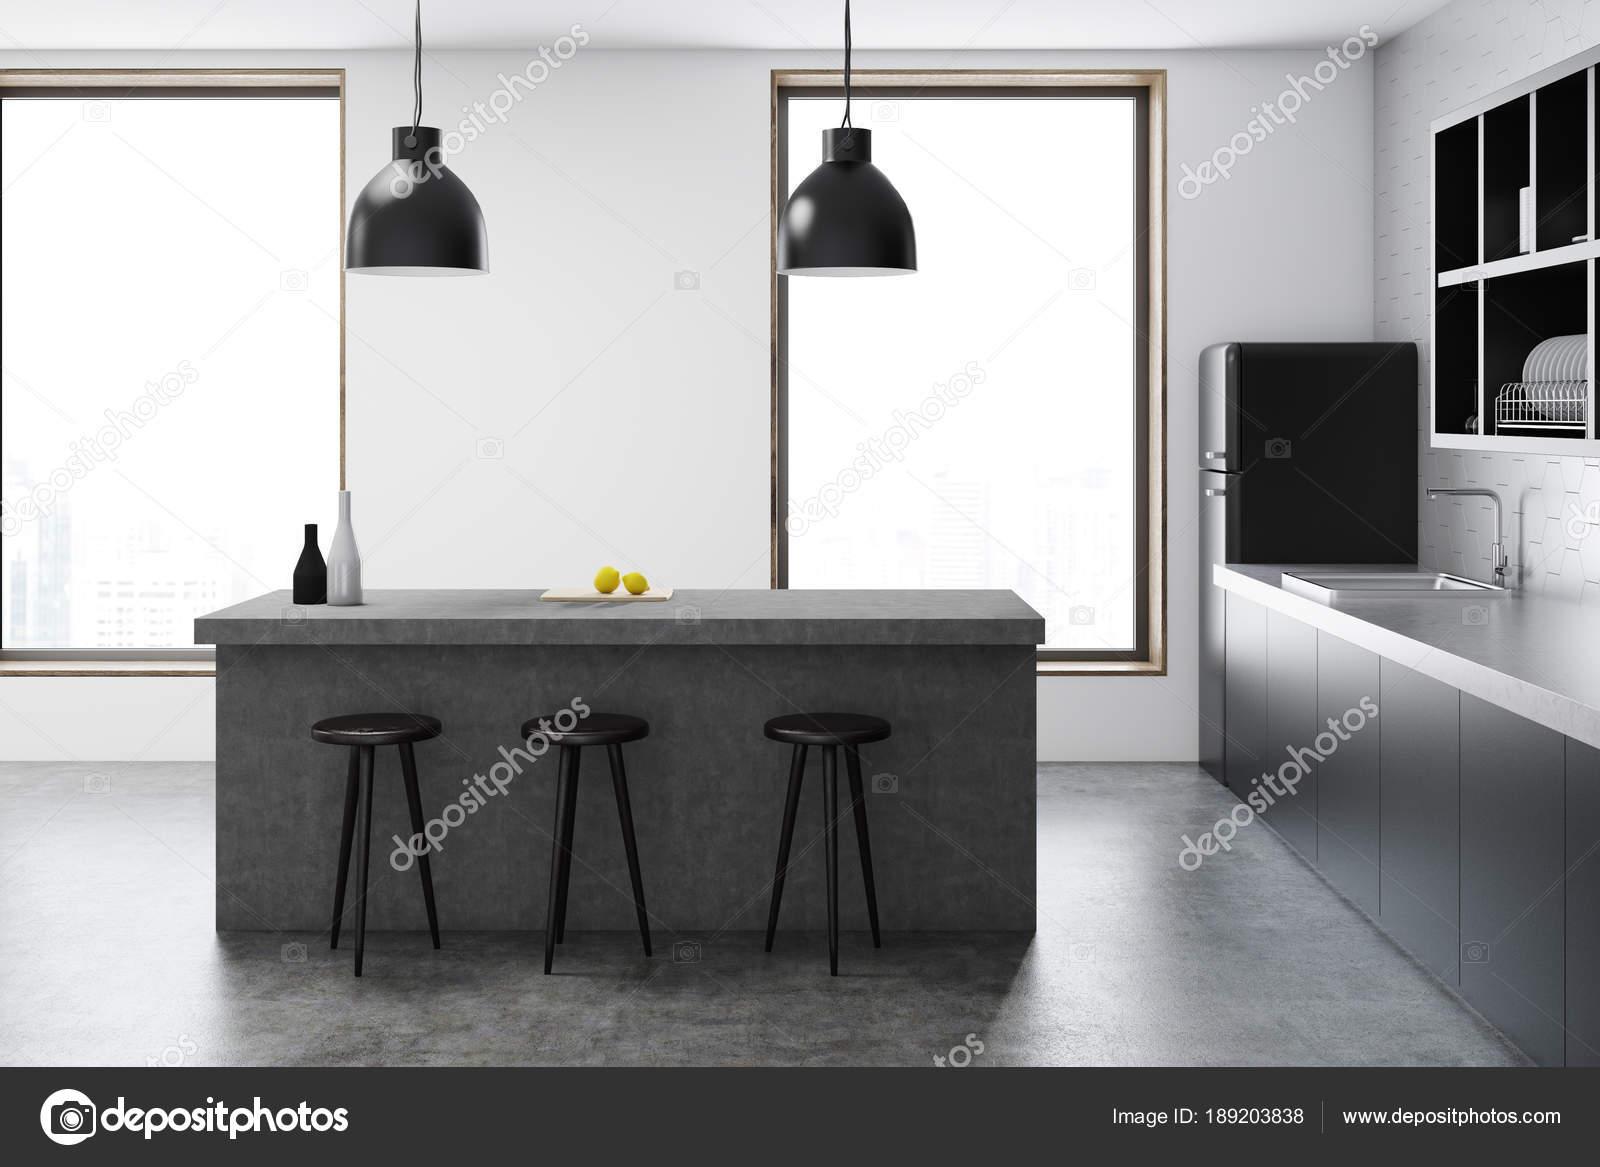 Keuken Moderne Bar : Moderne keuken met bar u2014 stockfoto © denisismagilov #189203838